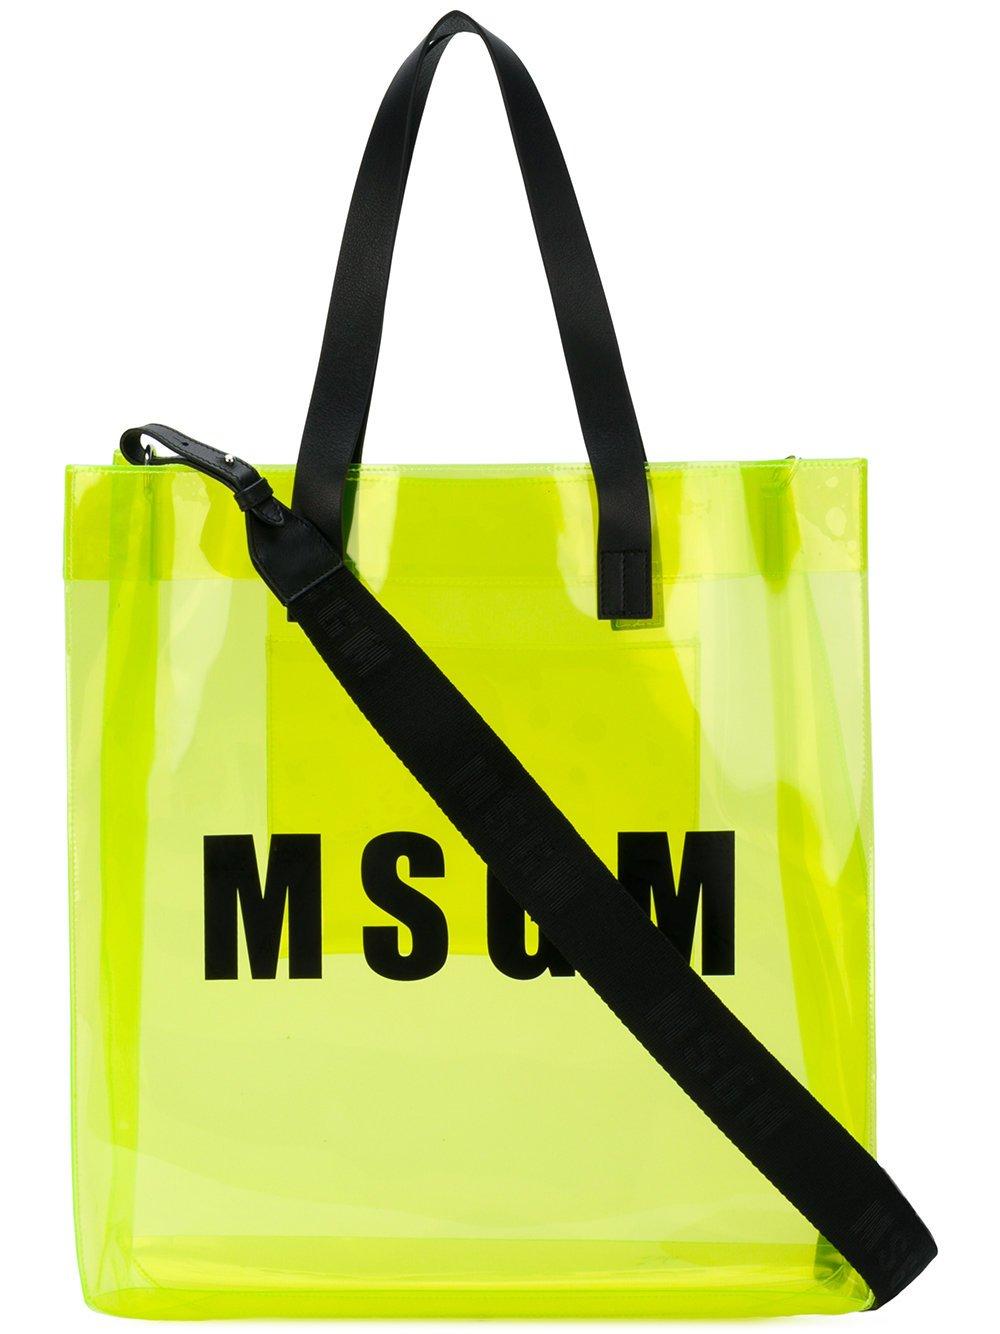 Msgm Women's 2441Mdz55010 Yellow Pvc Tote